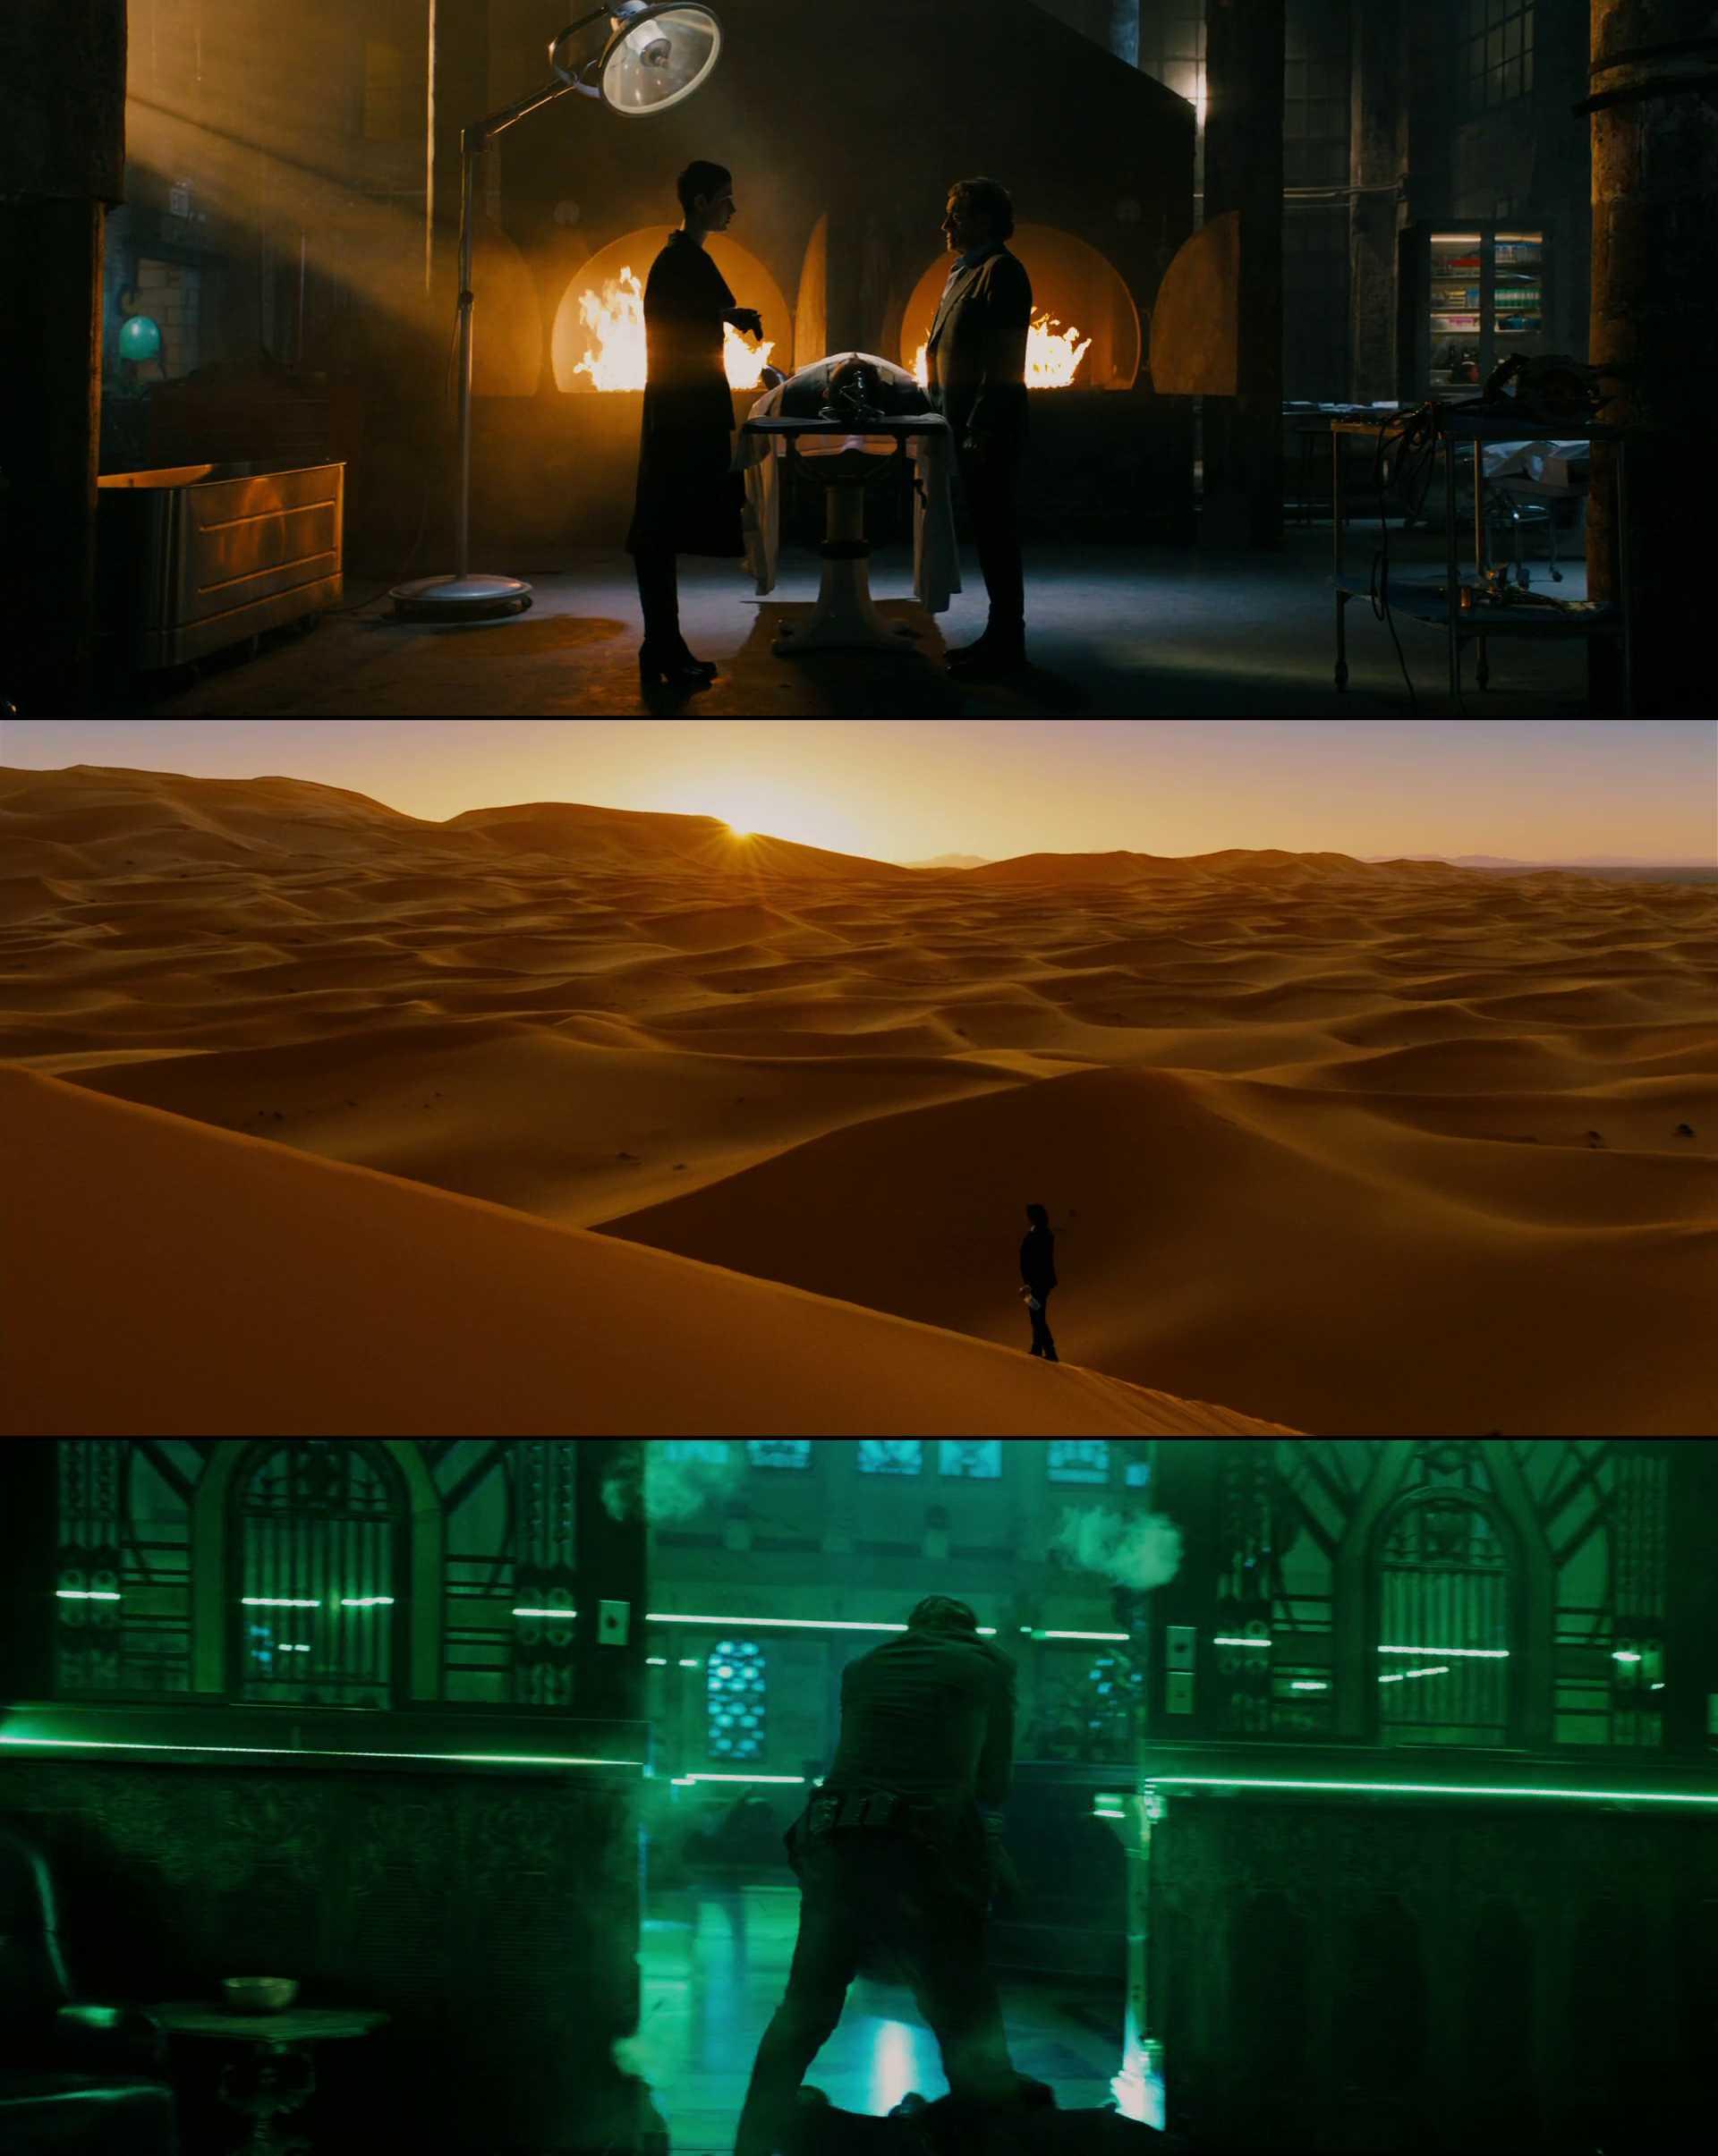 Screenshot of John Wick: Chapter 3 - Parabellum